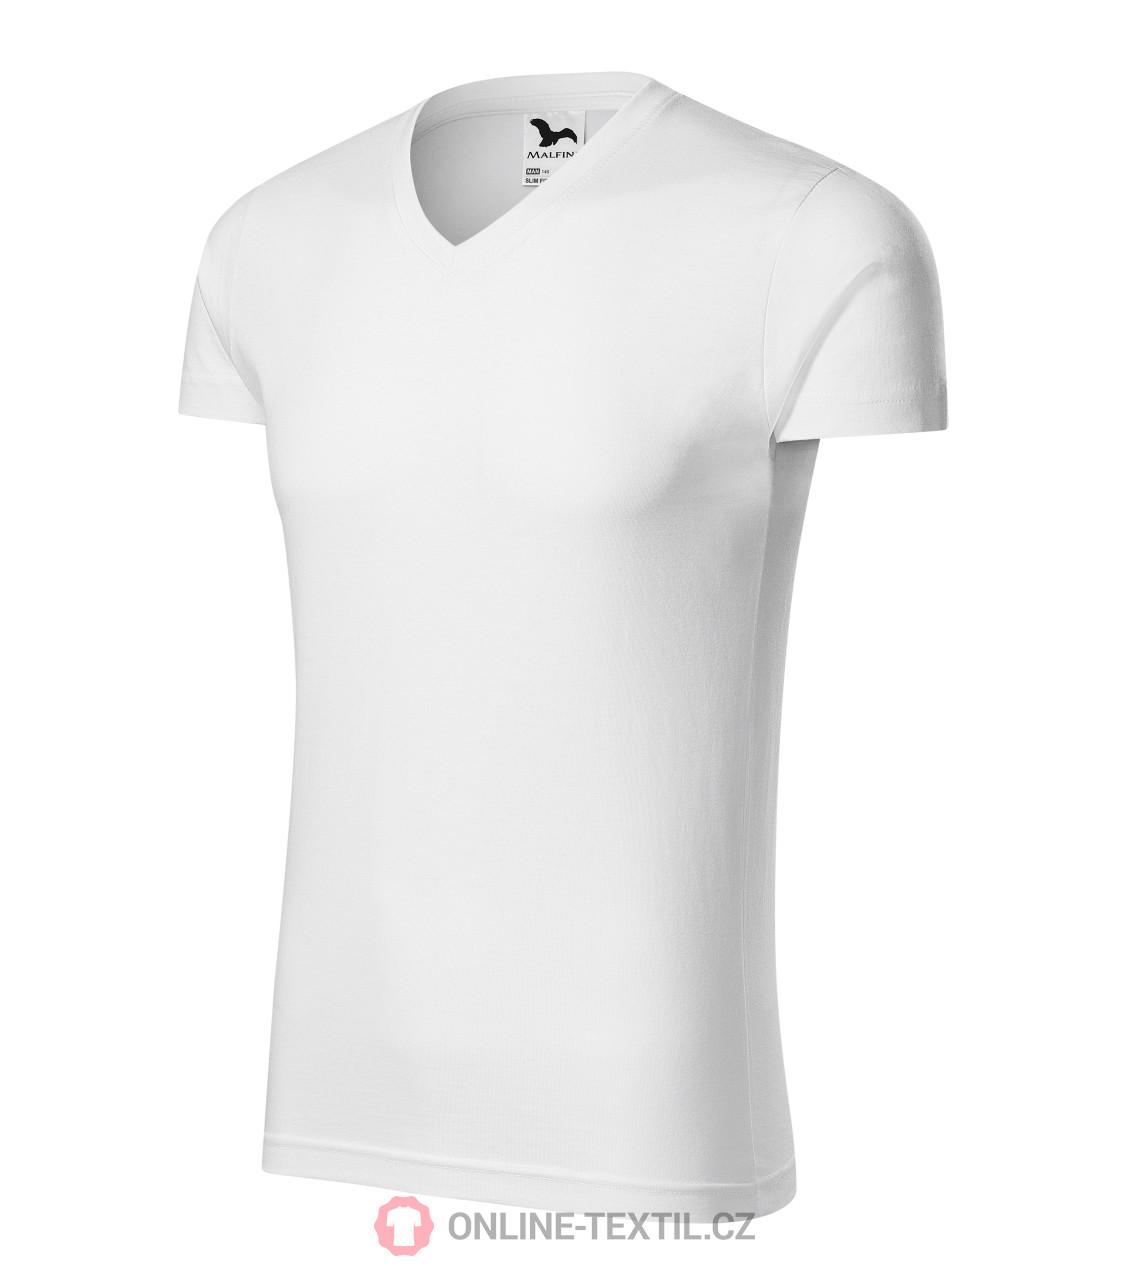 5ac6cf09caae ADLER CZECH Priliehavé pánské tričko Slim Fit V-neck vyššej gramáže ...